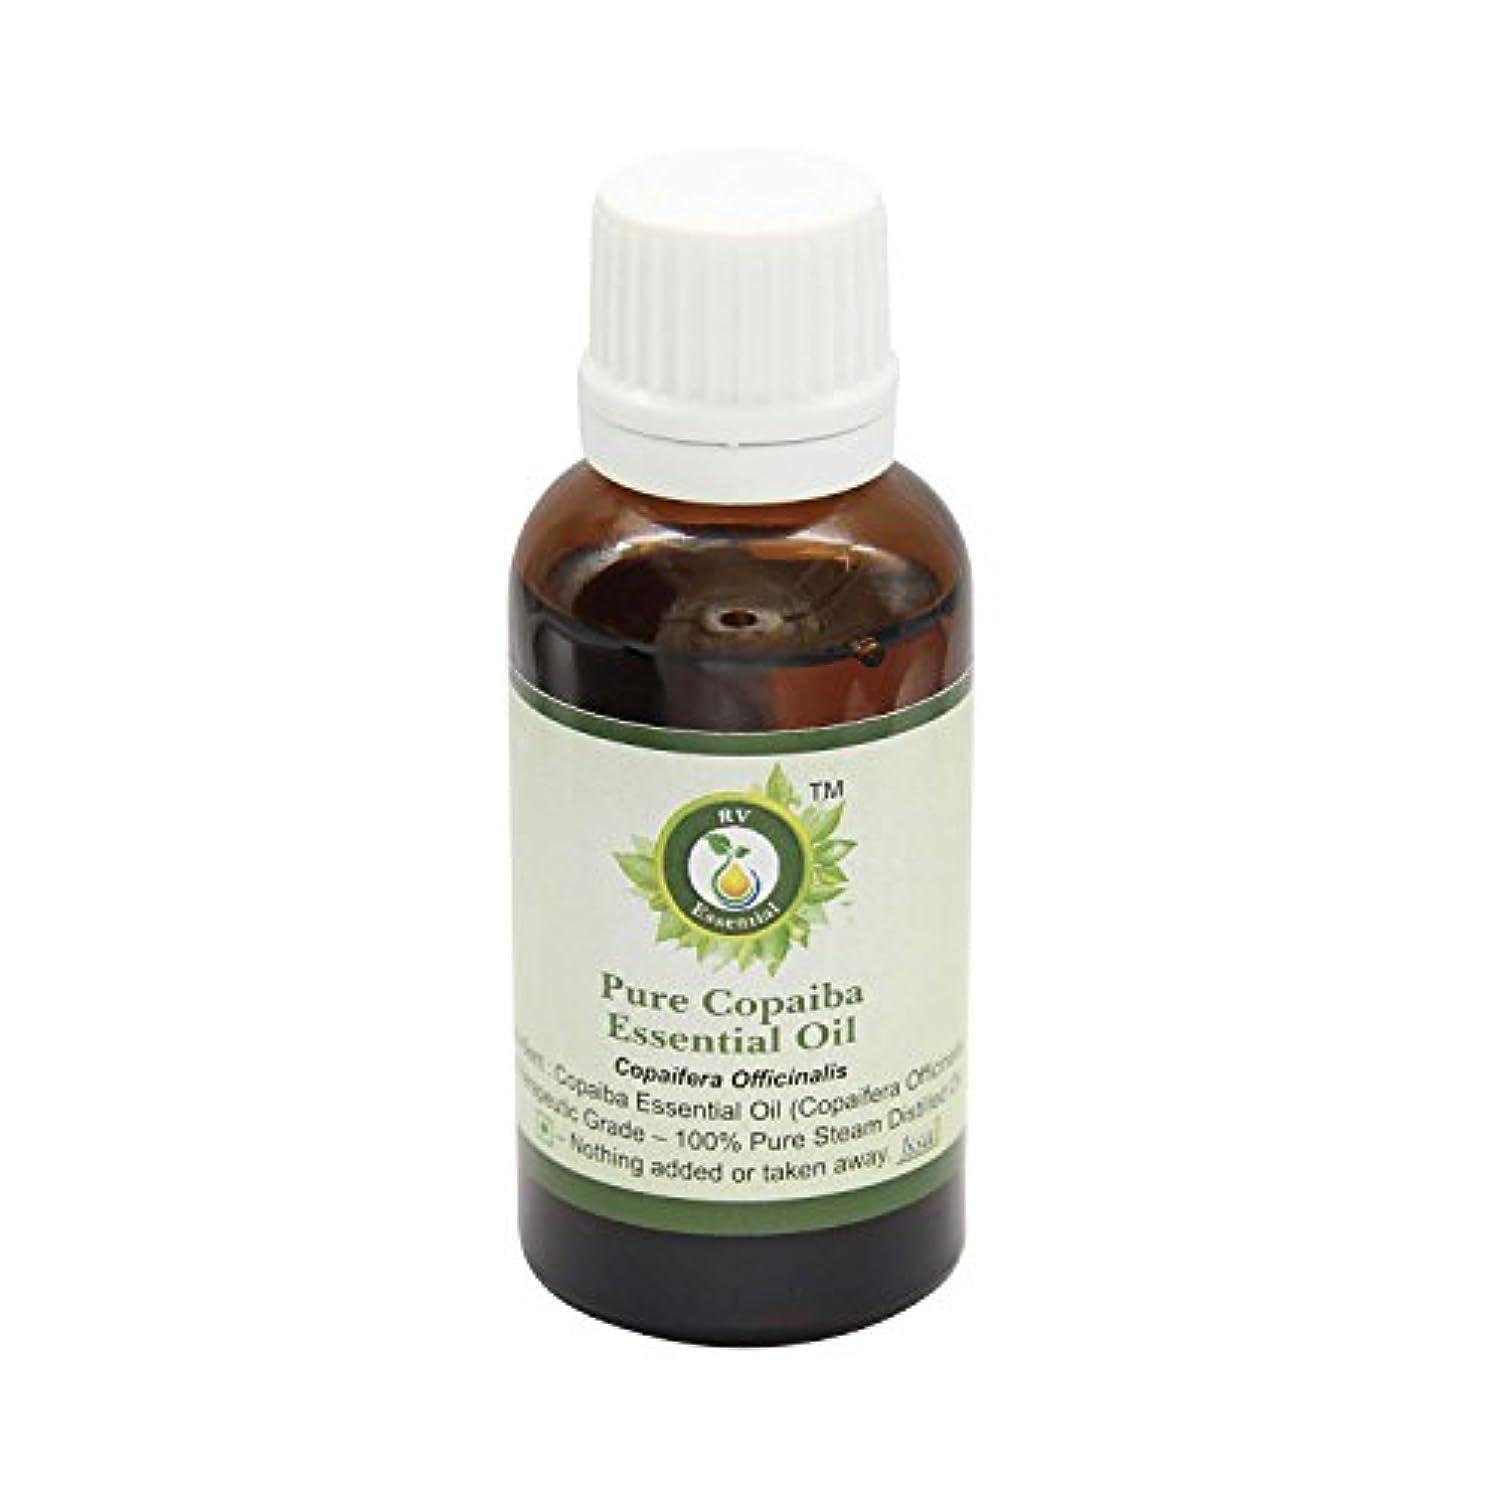 習熟度宣言するアドバンテージR V Essential ピュアコパイバエッセンシャルオイル15ml (0.507oz)- Copaifera Officinalis (100%純粋&天然スチームDistilled) Pure Copaiba Essential...